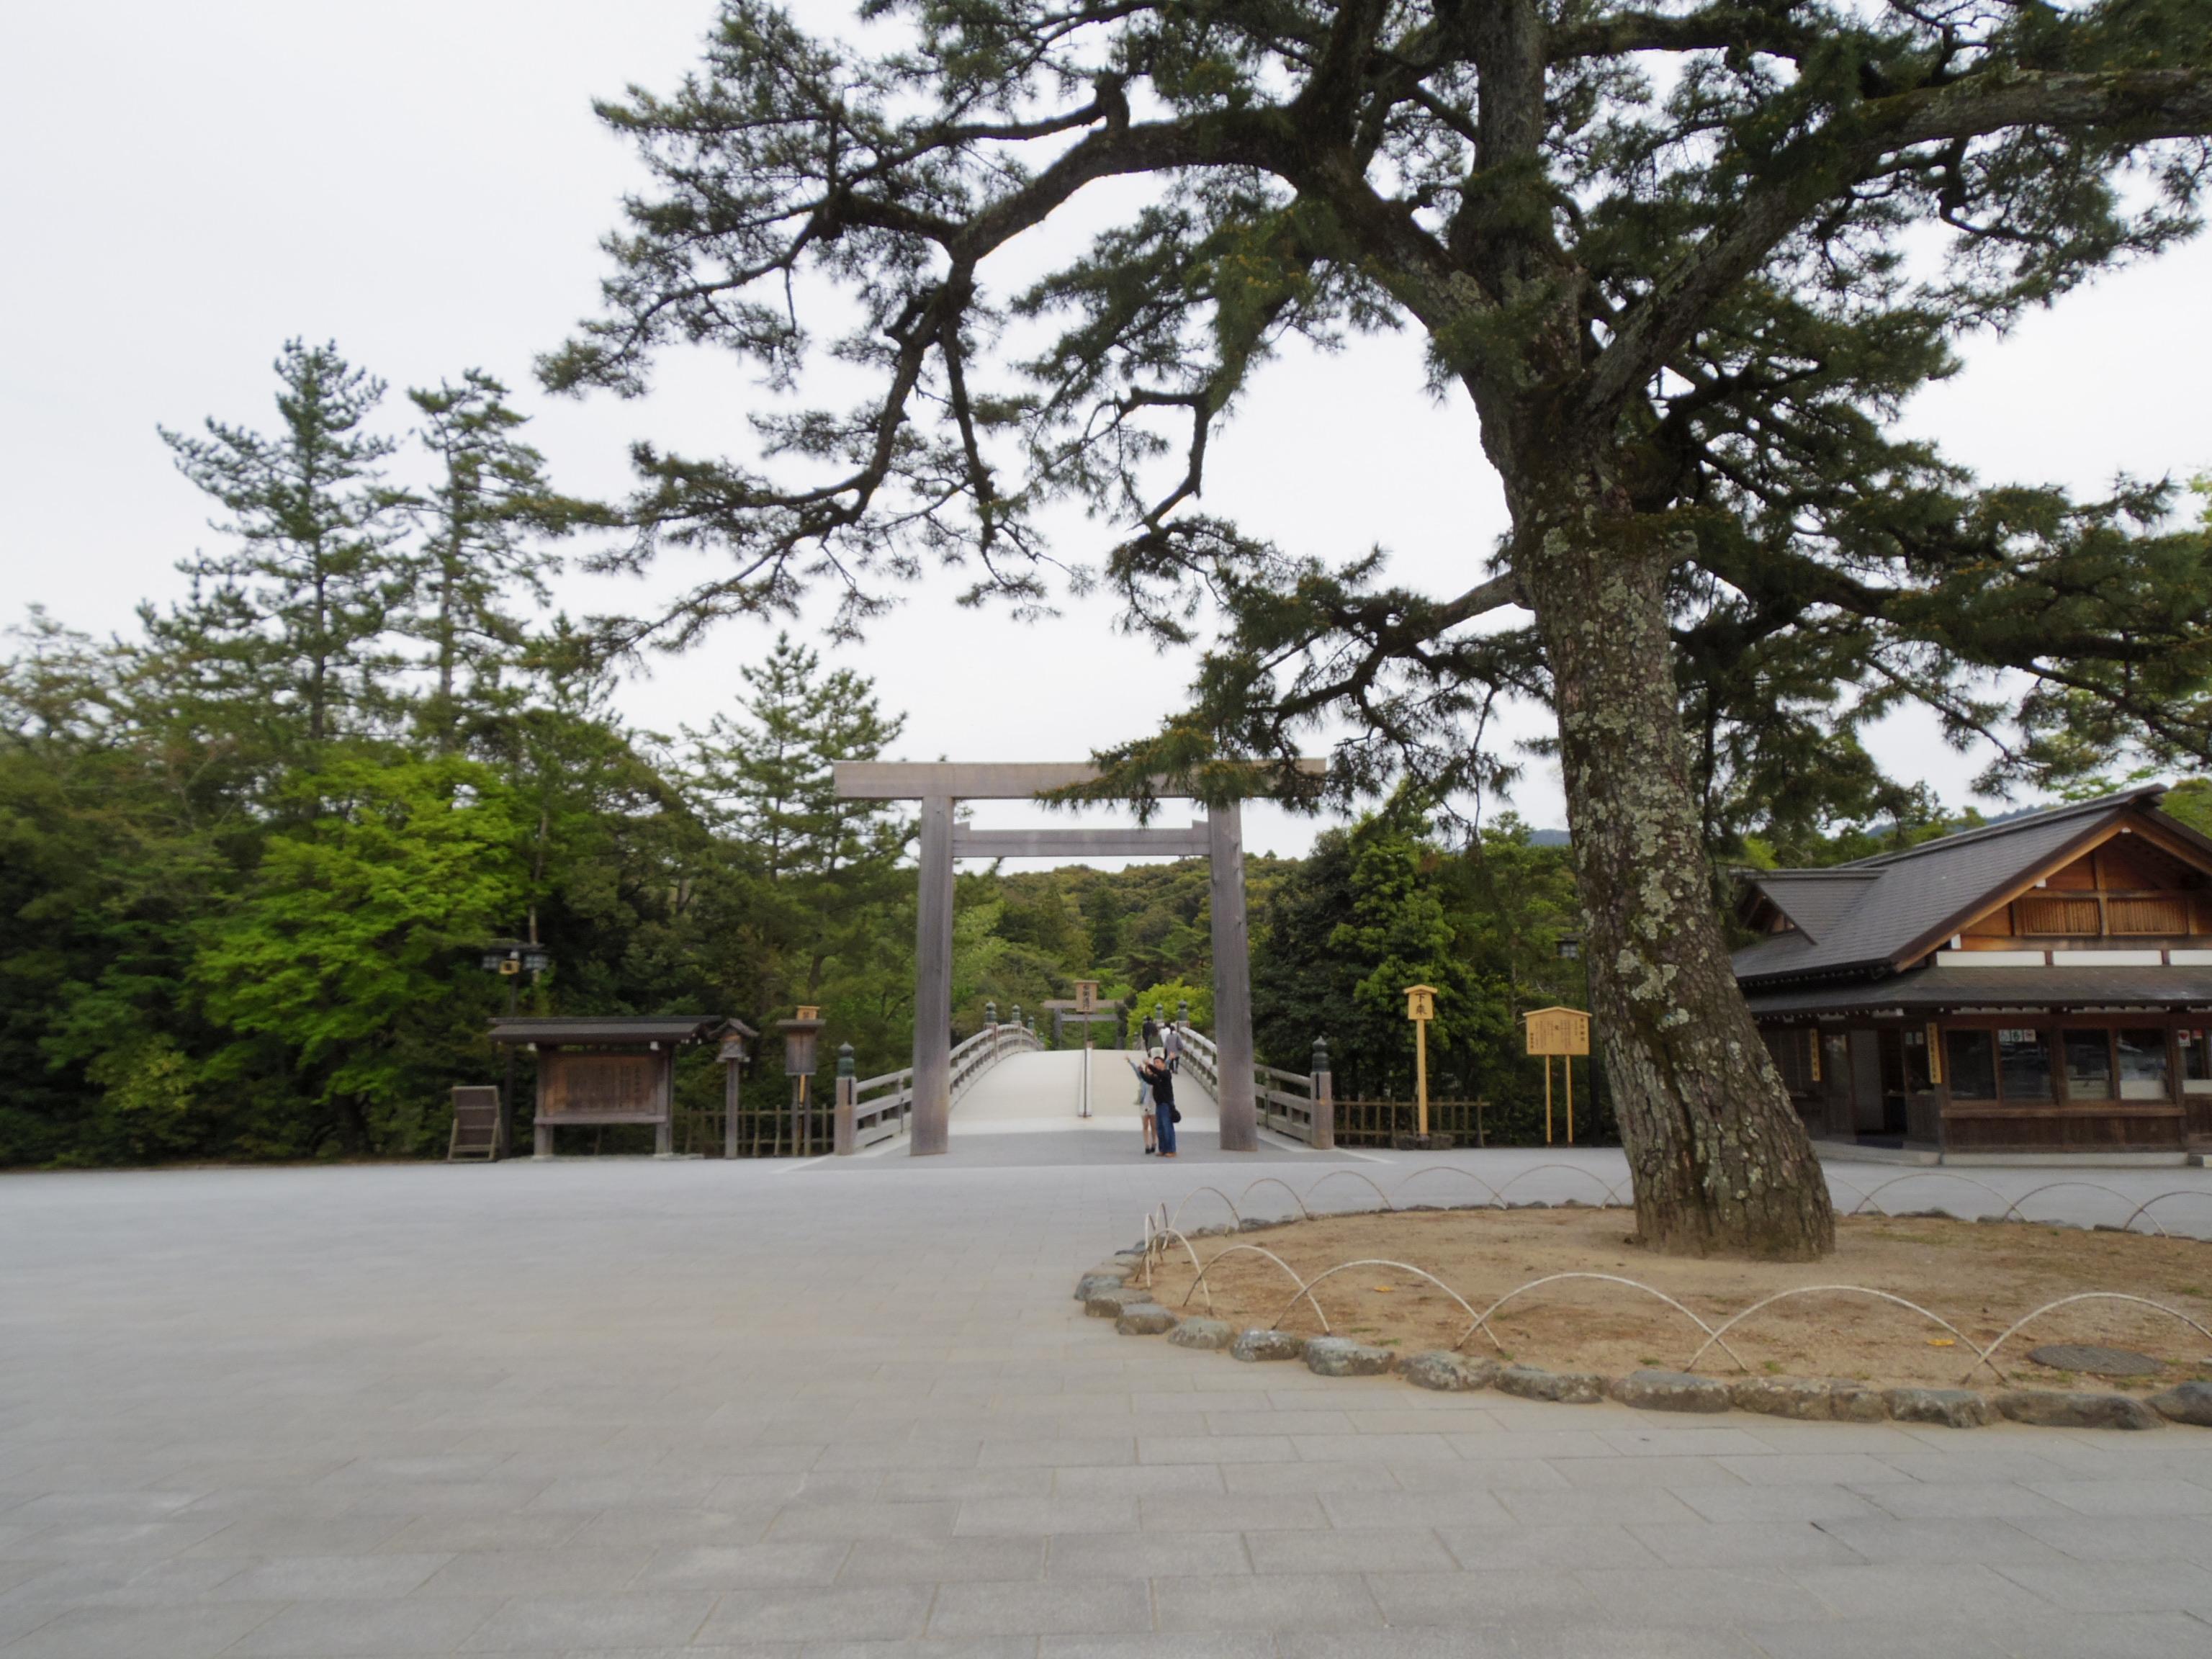 【日本プチ縦断 in 近畿】伊勢神宮と忍者とうどん。